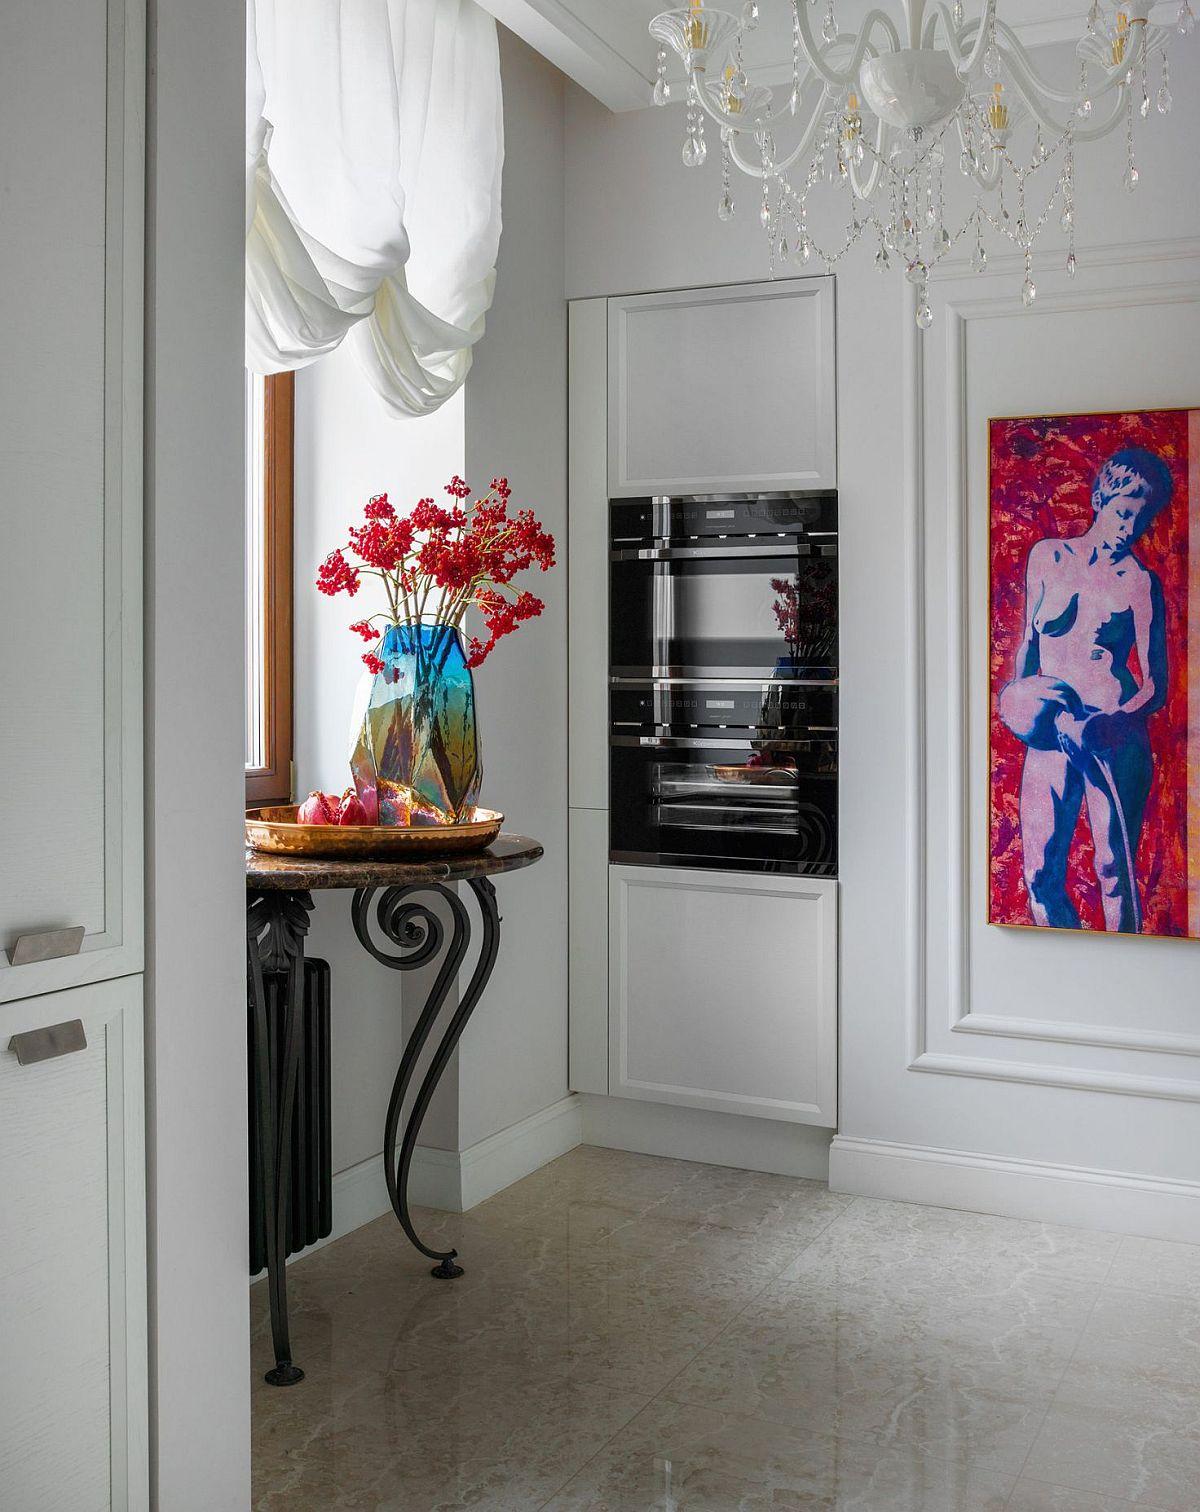 Spațiul bucătăriei este mic, dar designerul a prevăzut aici o masă consolă care poate fi folosită la nevoie ca loc pentru mic dejun. Combina frigorifică este încorporată într-un corp aflat în imediata apropiere a sufrageriei pentru a putea fi accesată mai rapid.